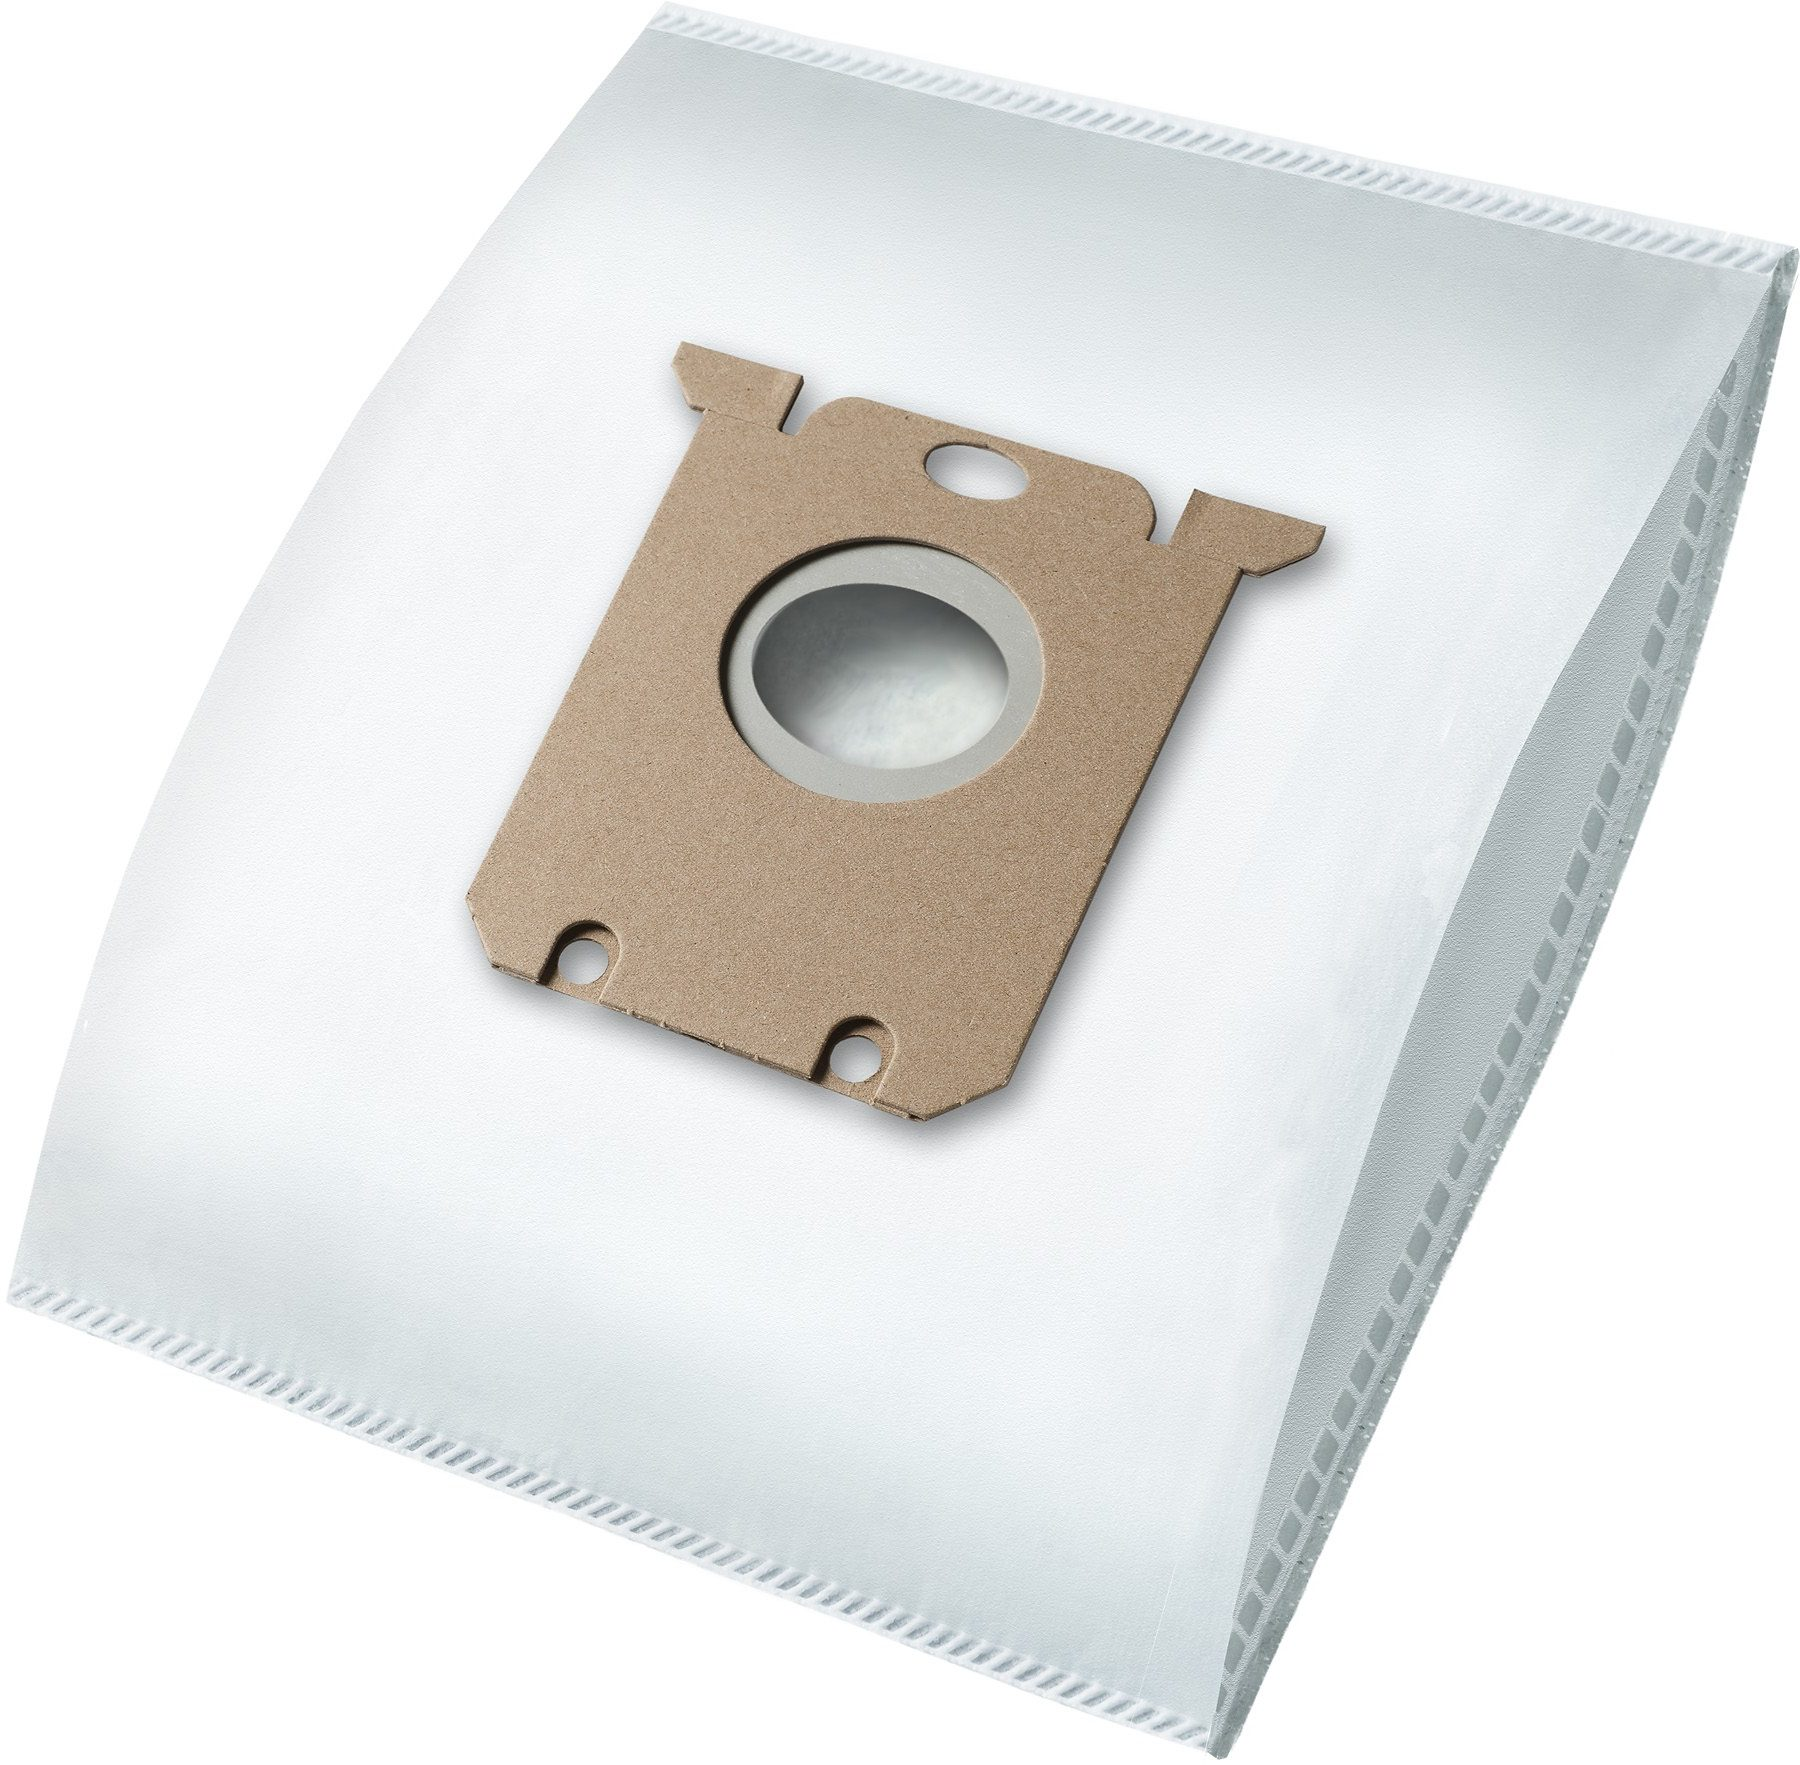 Staubsaugerbeutel passend für AEG, ELECTROLUX, PHILIPS, PRIVILEG, …